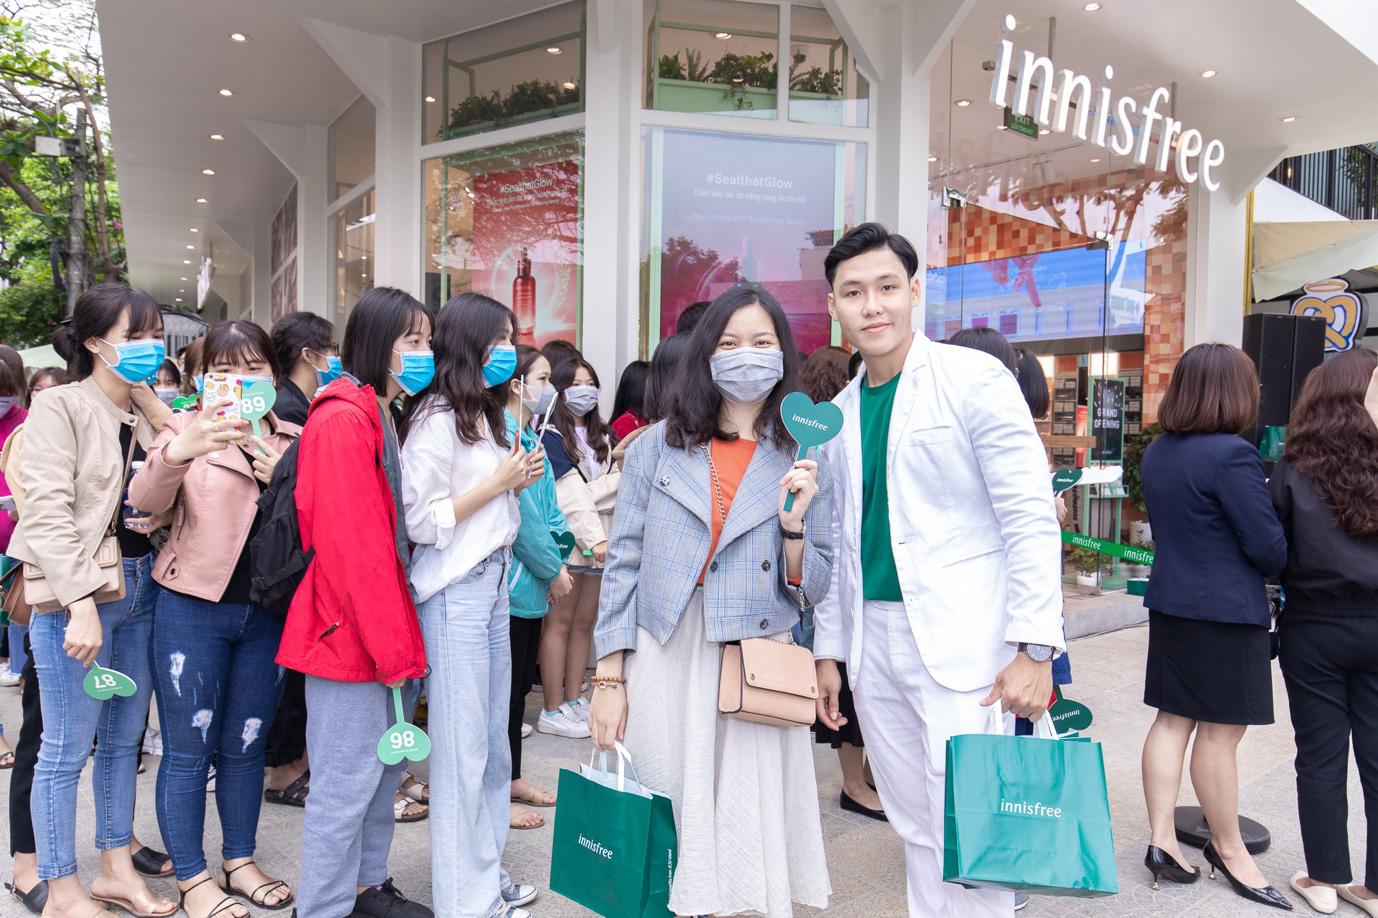 """Sướng nhất các tín đồ làm đẹp Đà Nẵng: Vừa shopping nhận quà """"khủng"""" từ innisfree, vừa nghe Phương Ly hát live cực đỉnh - Ảnh 5."""